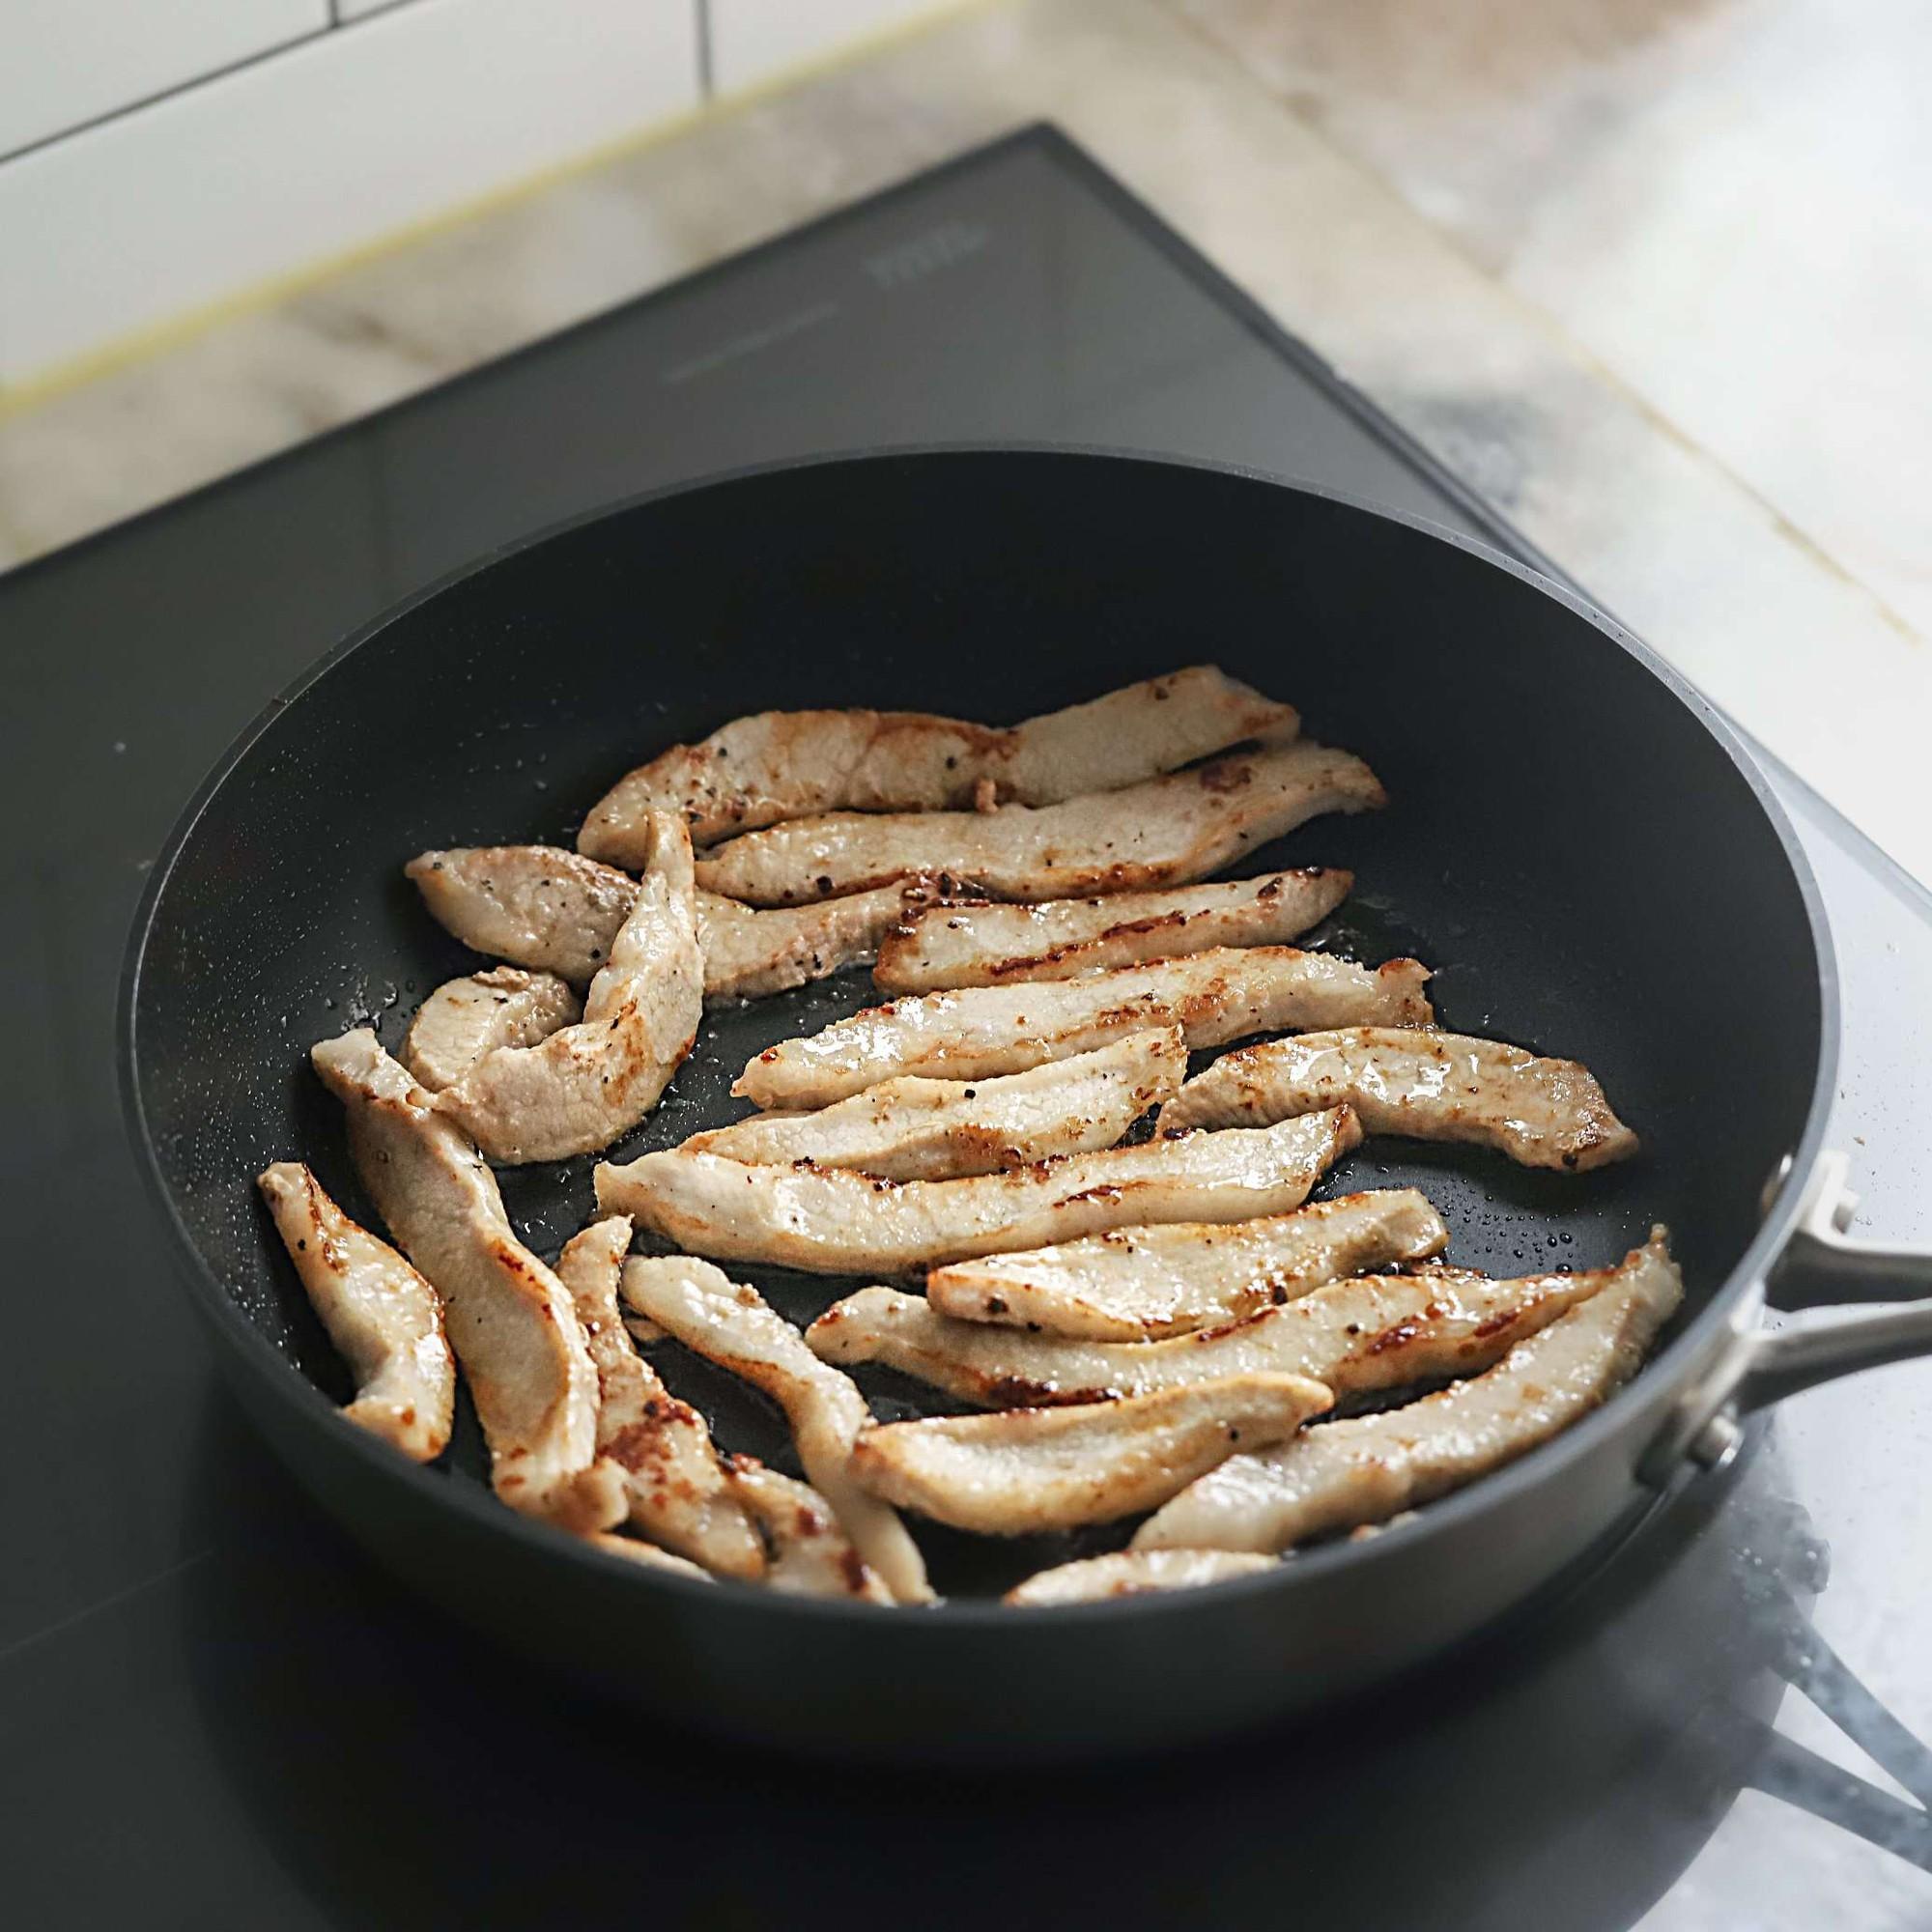 Học người Hàn làm món thịt trộn siêu tốc cho bữa tối ngon xuất sắc - Ảnh 4.